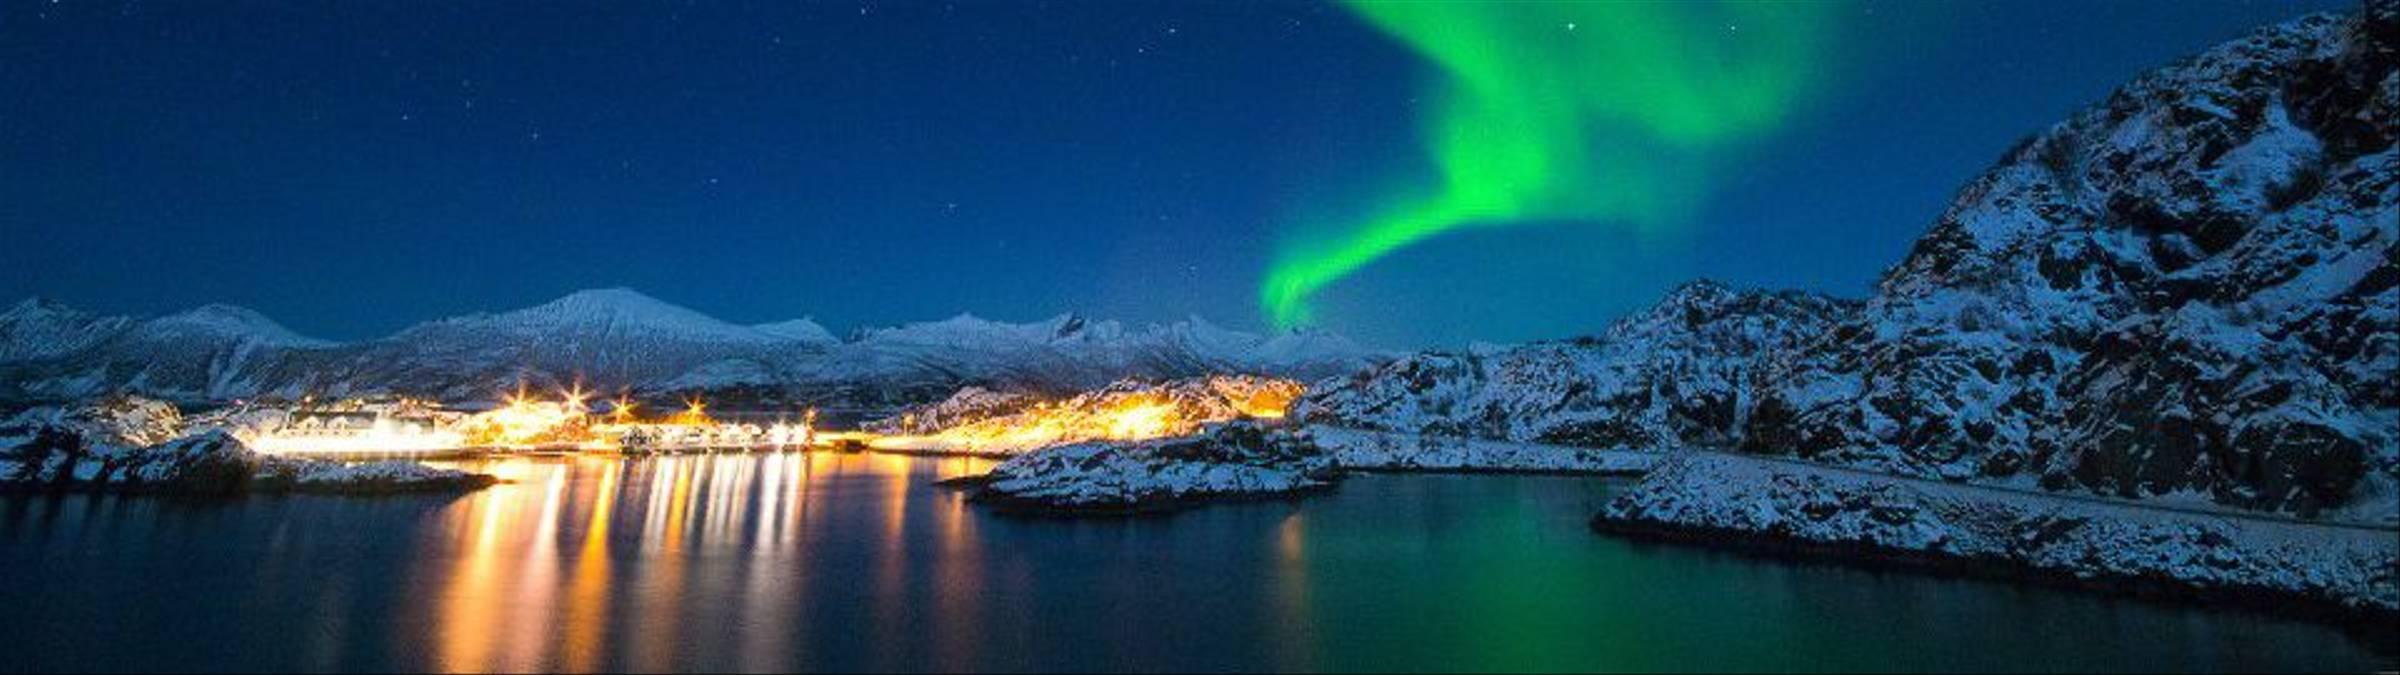 Northern Lights Over Hamn I Senja 2